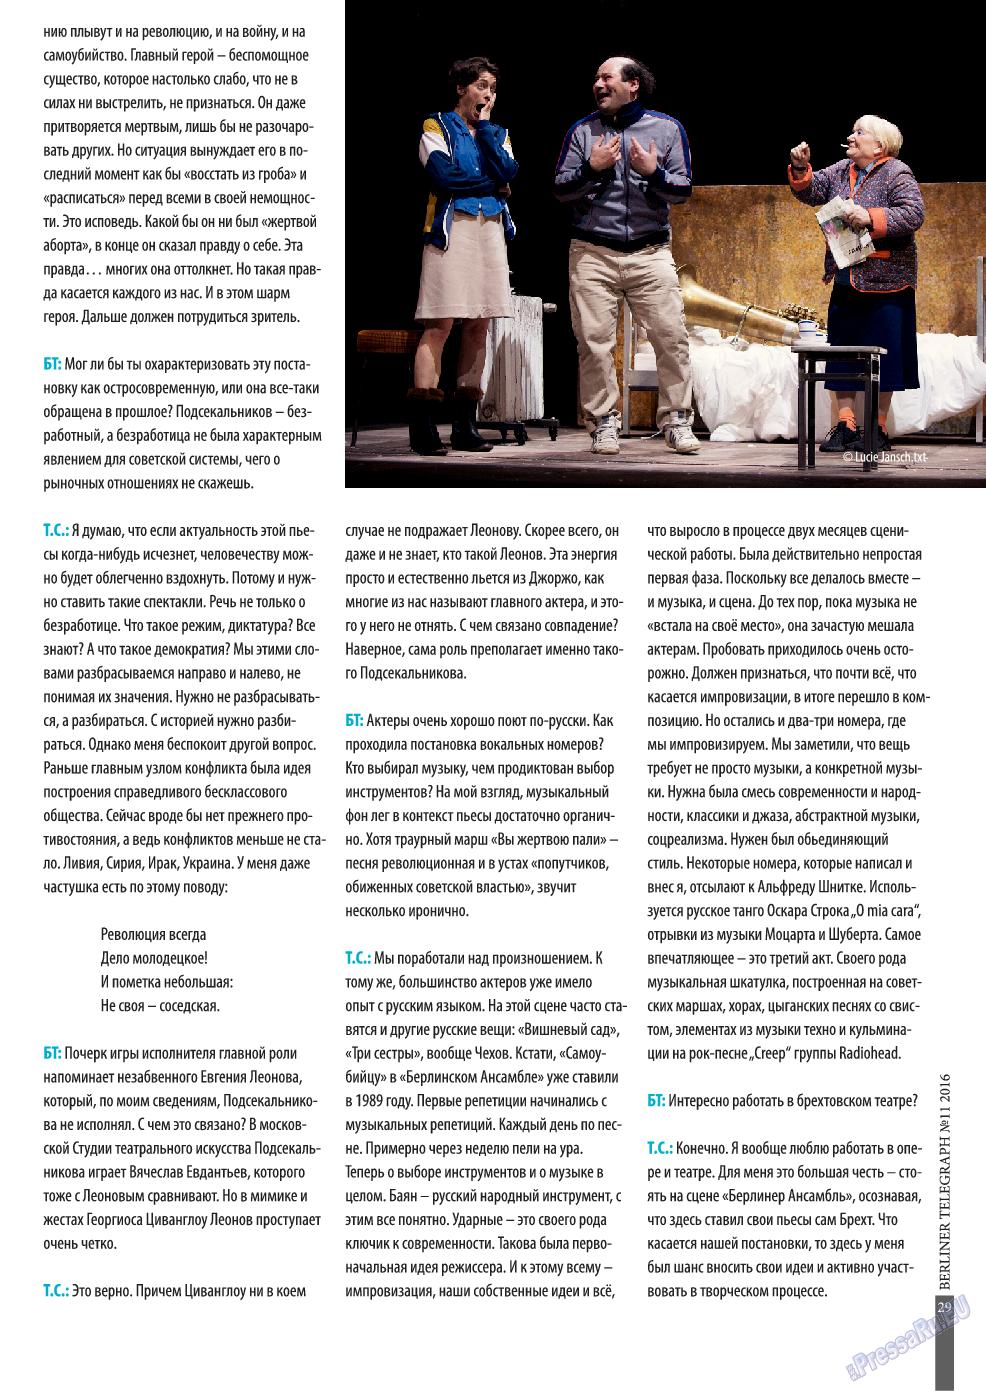 Берлинский телеграф (журнал). 2016 год, номер 12, стр. 29